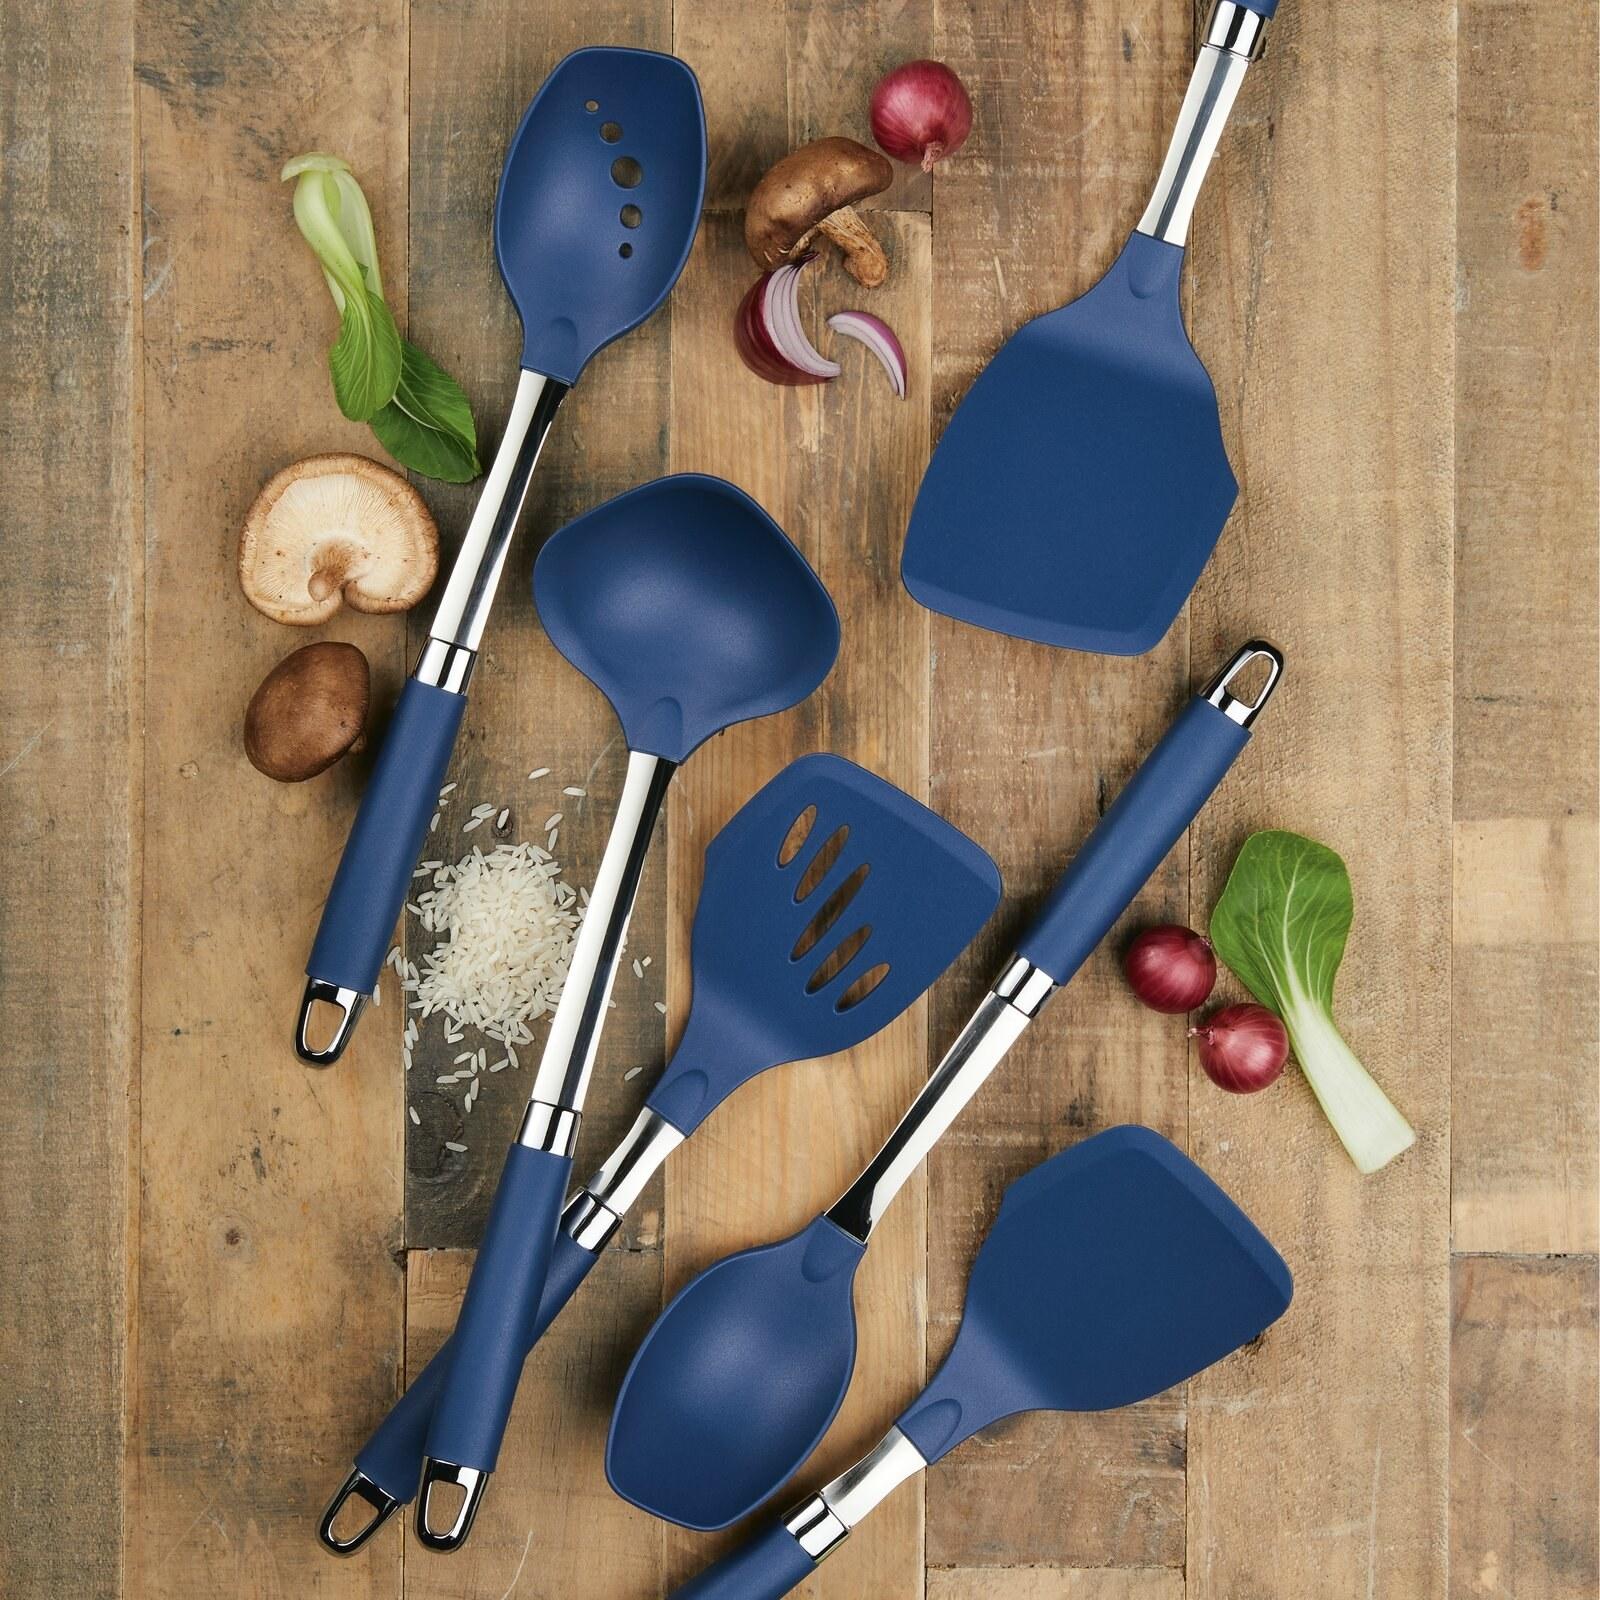 The nylon utensil set in blue